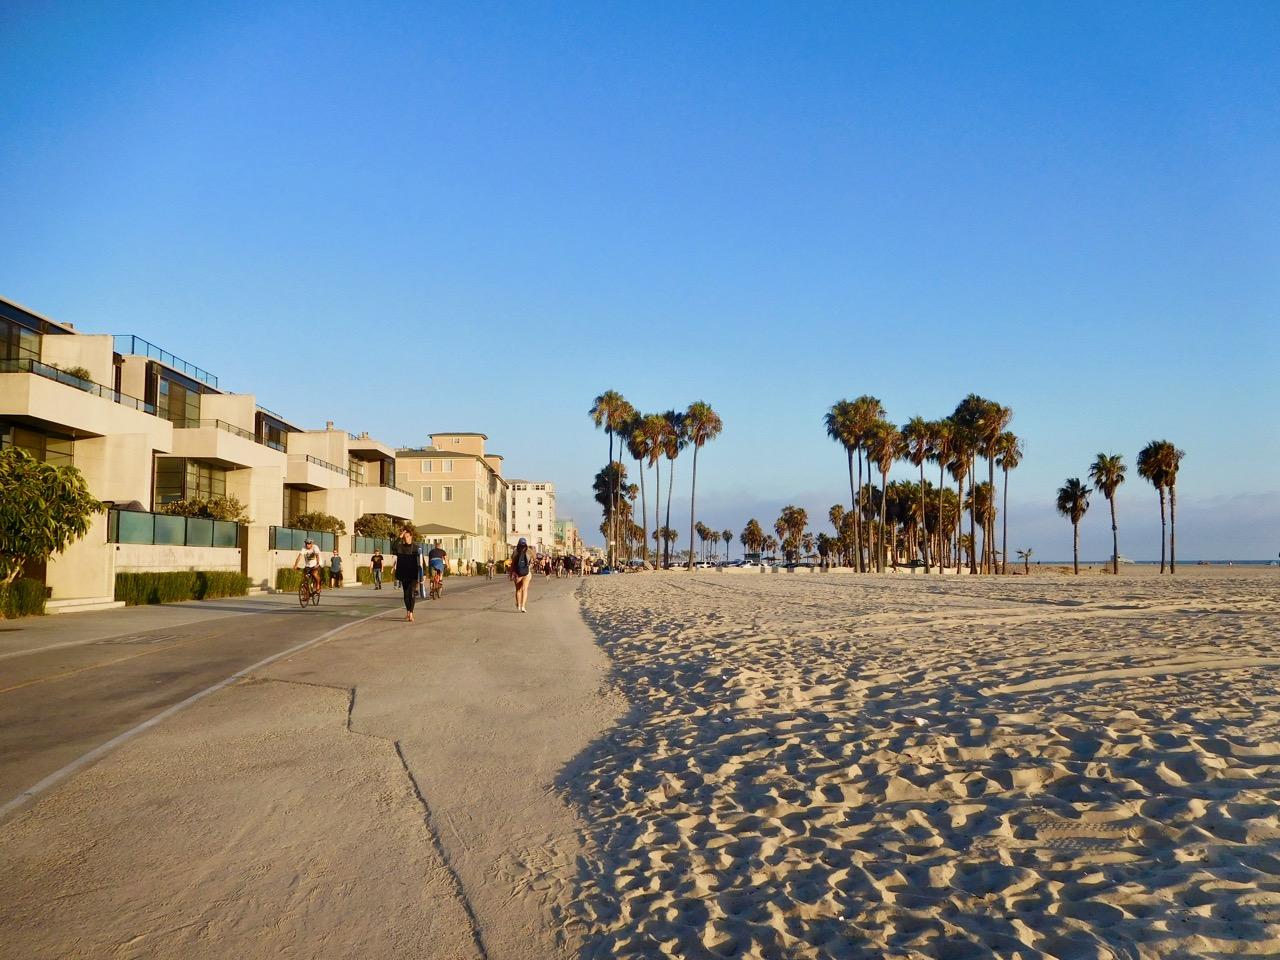 3 Days in L.A. - Venice Beach (3)